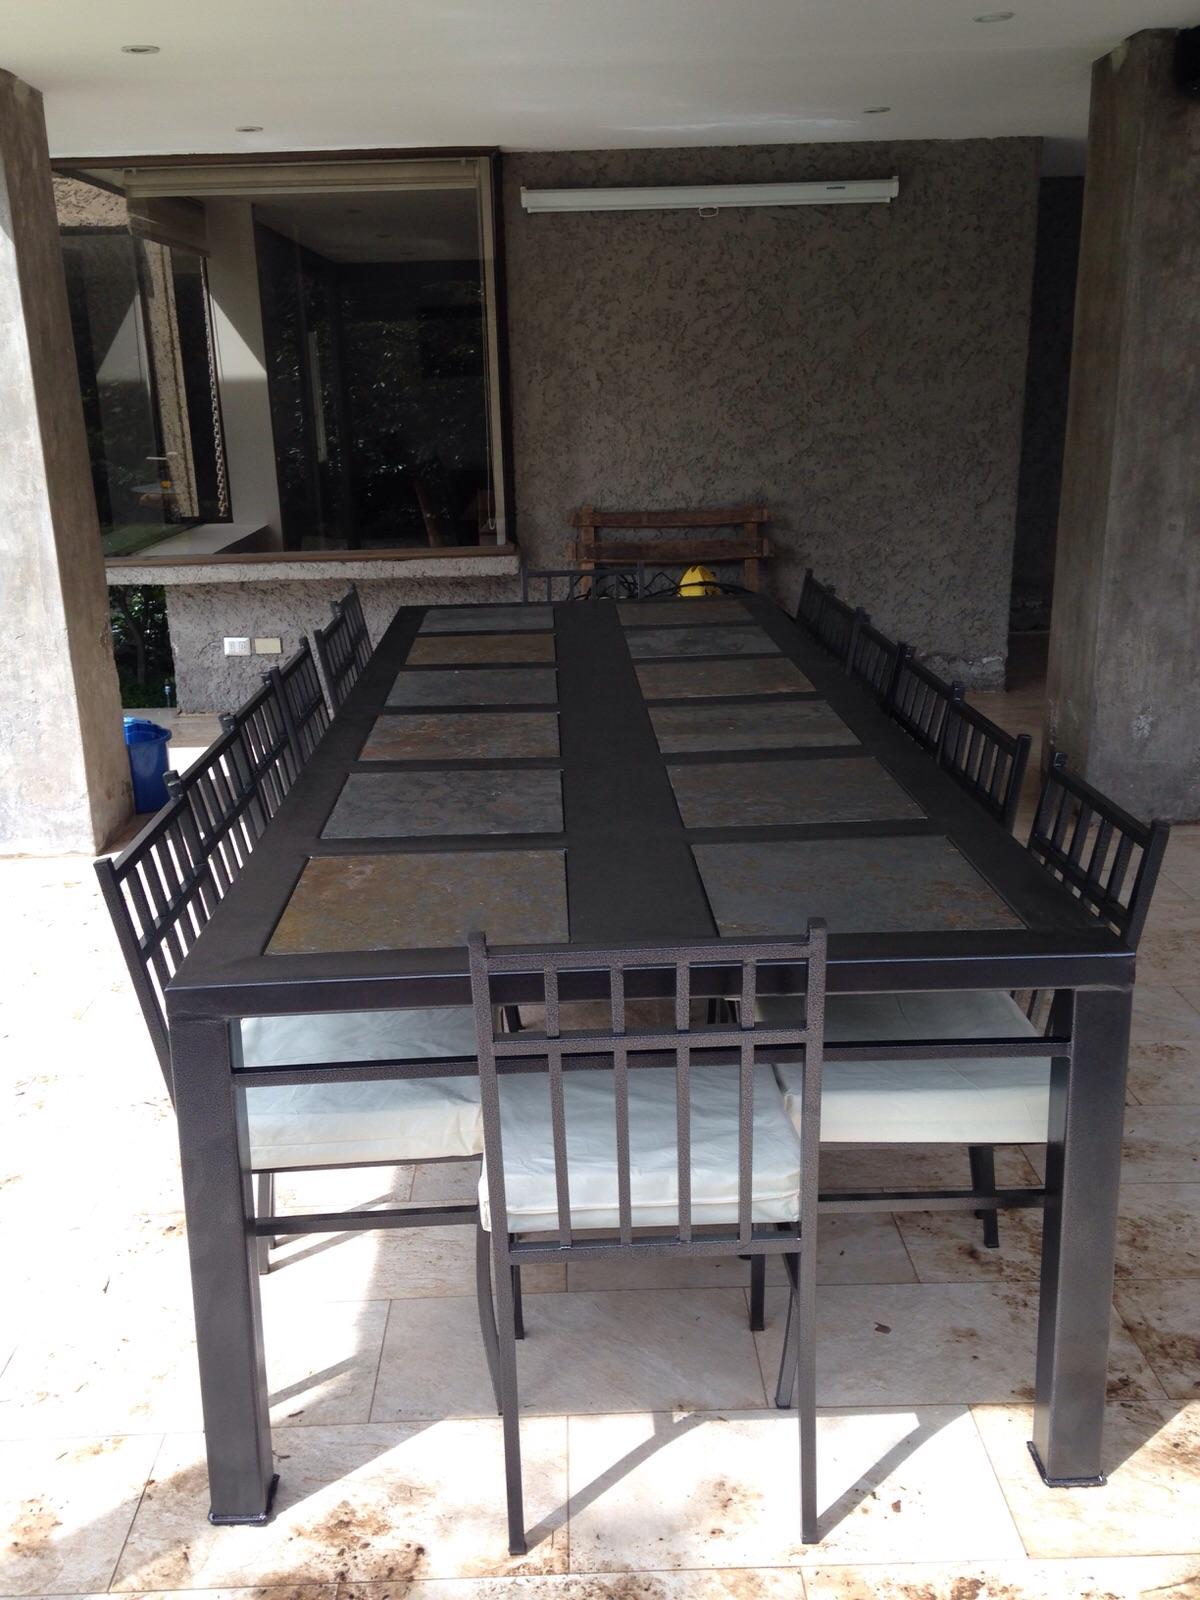 Comedor 14 personas fierro muebles y terrazas en venta en for Muebles terraza fierro